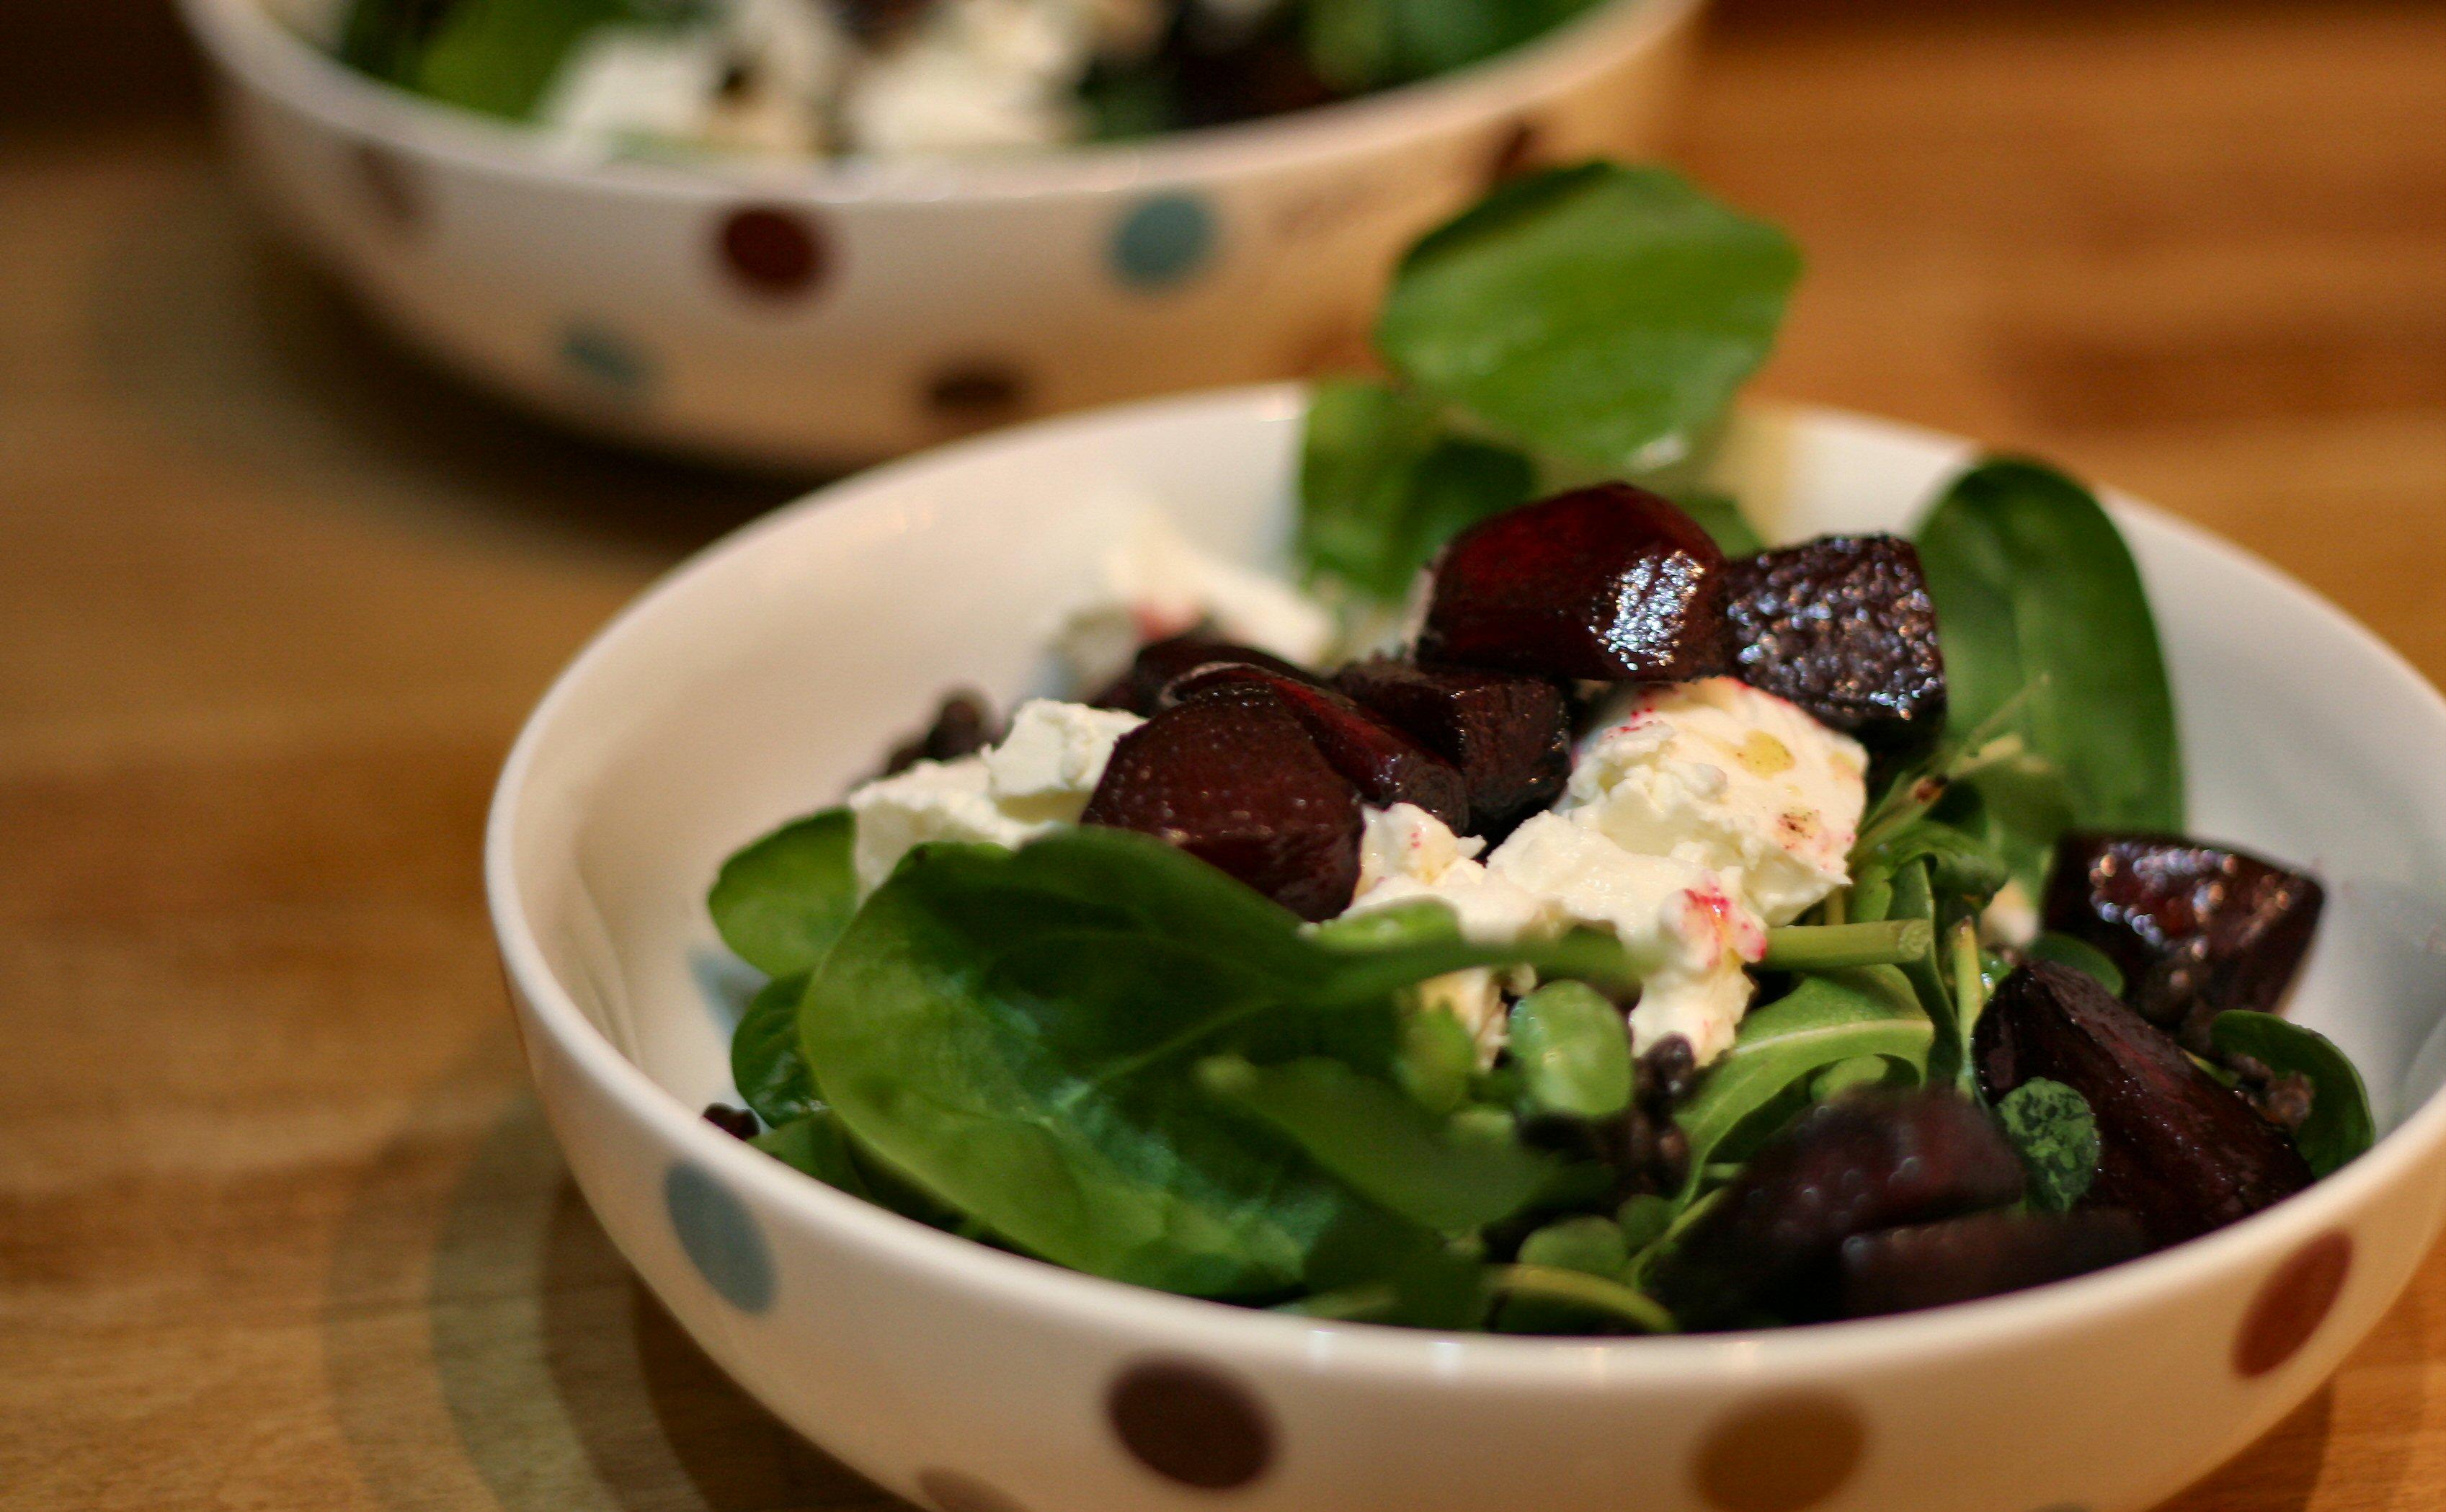 Beetroot, feta & lentil salad in bowls